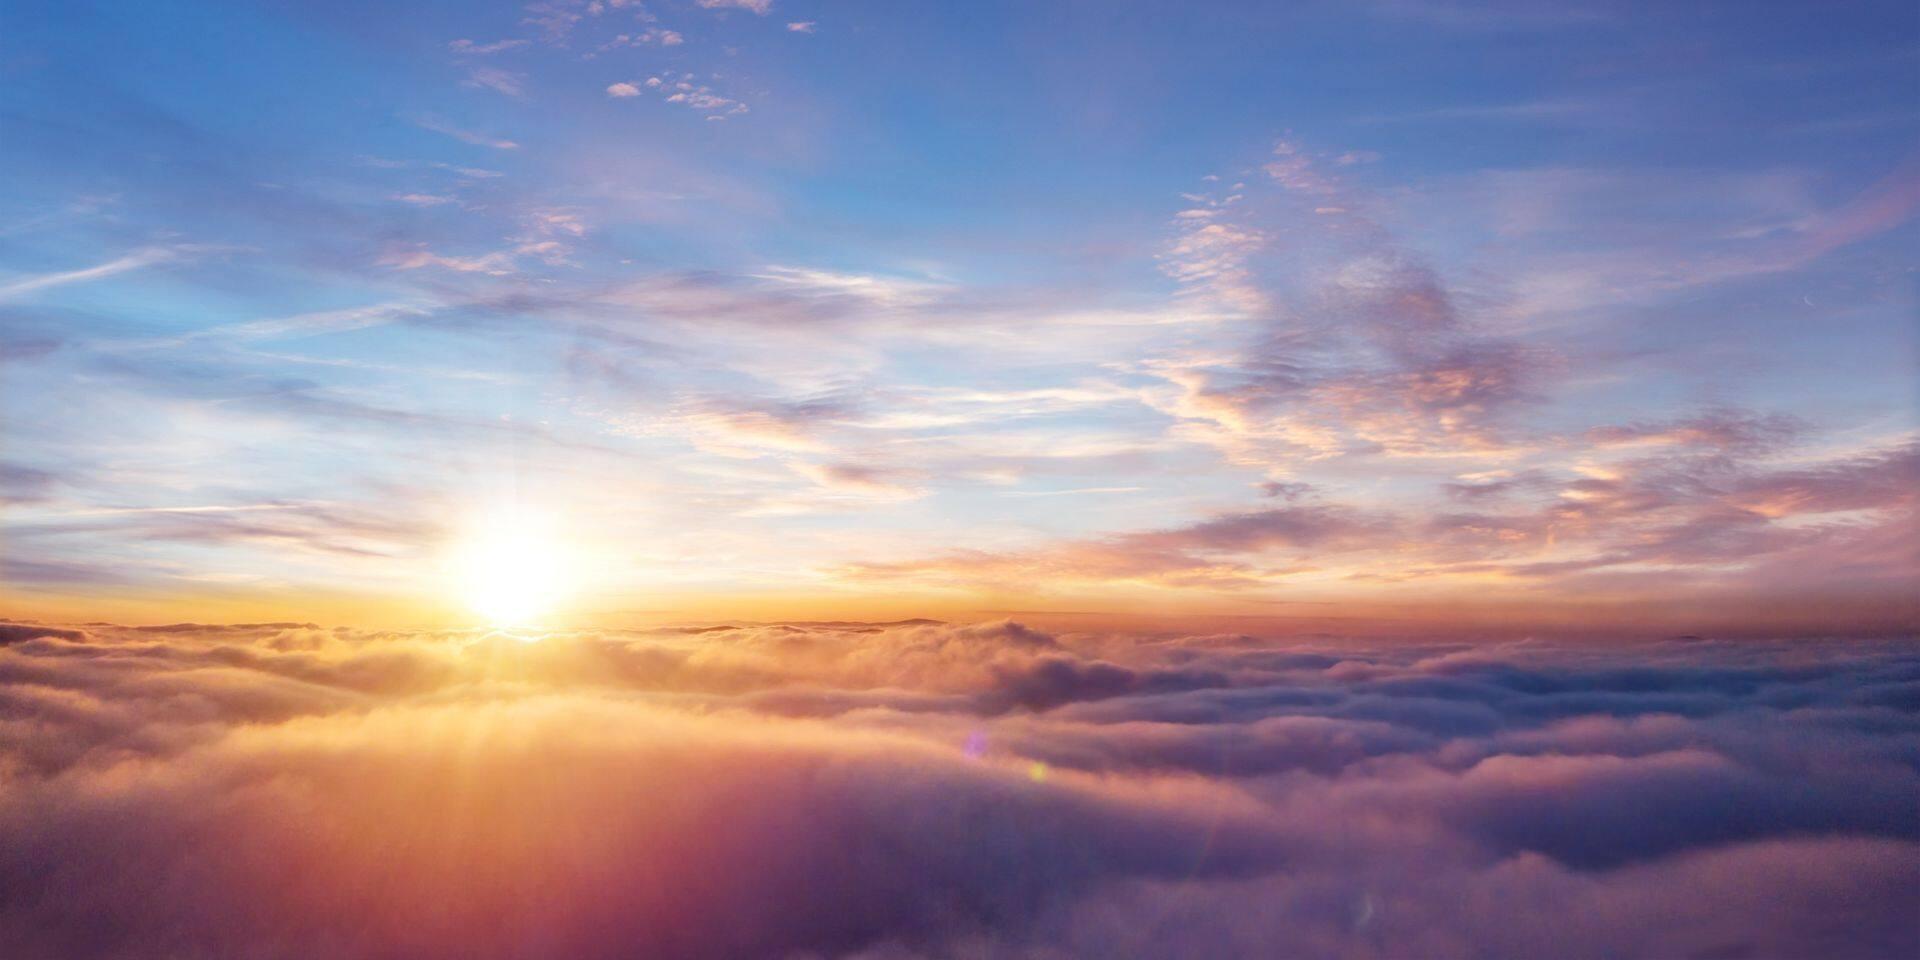 Météo: un mardi partagé entre éclaircies et nuages avant l'arrivée de la chaleur